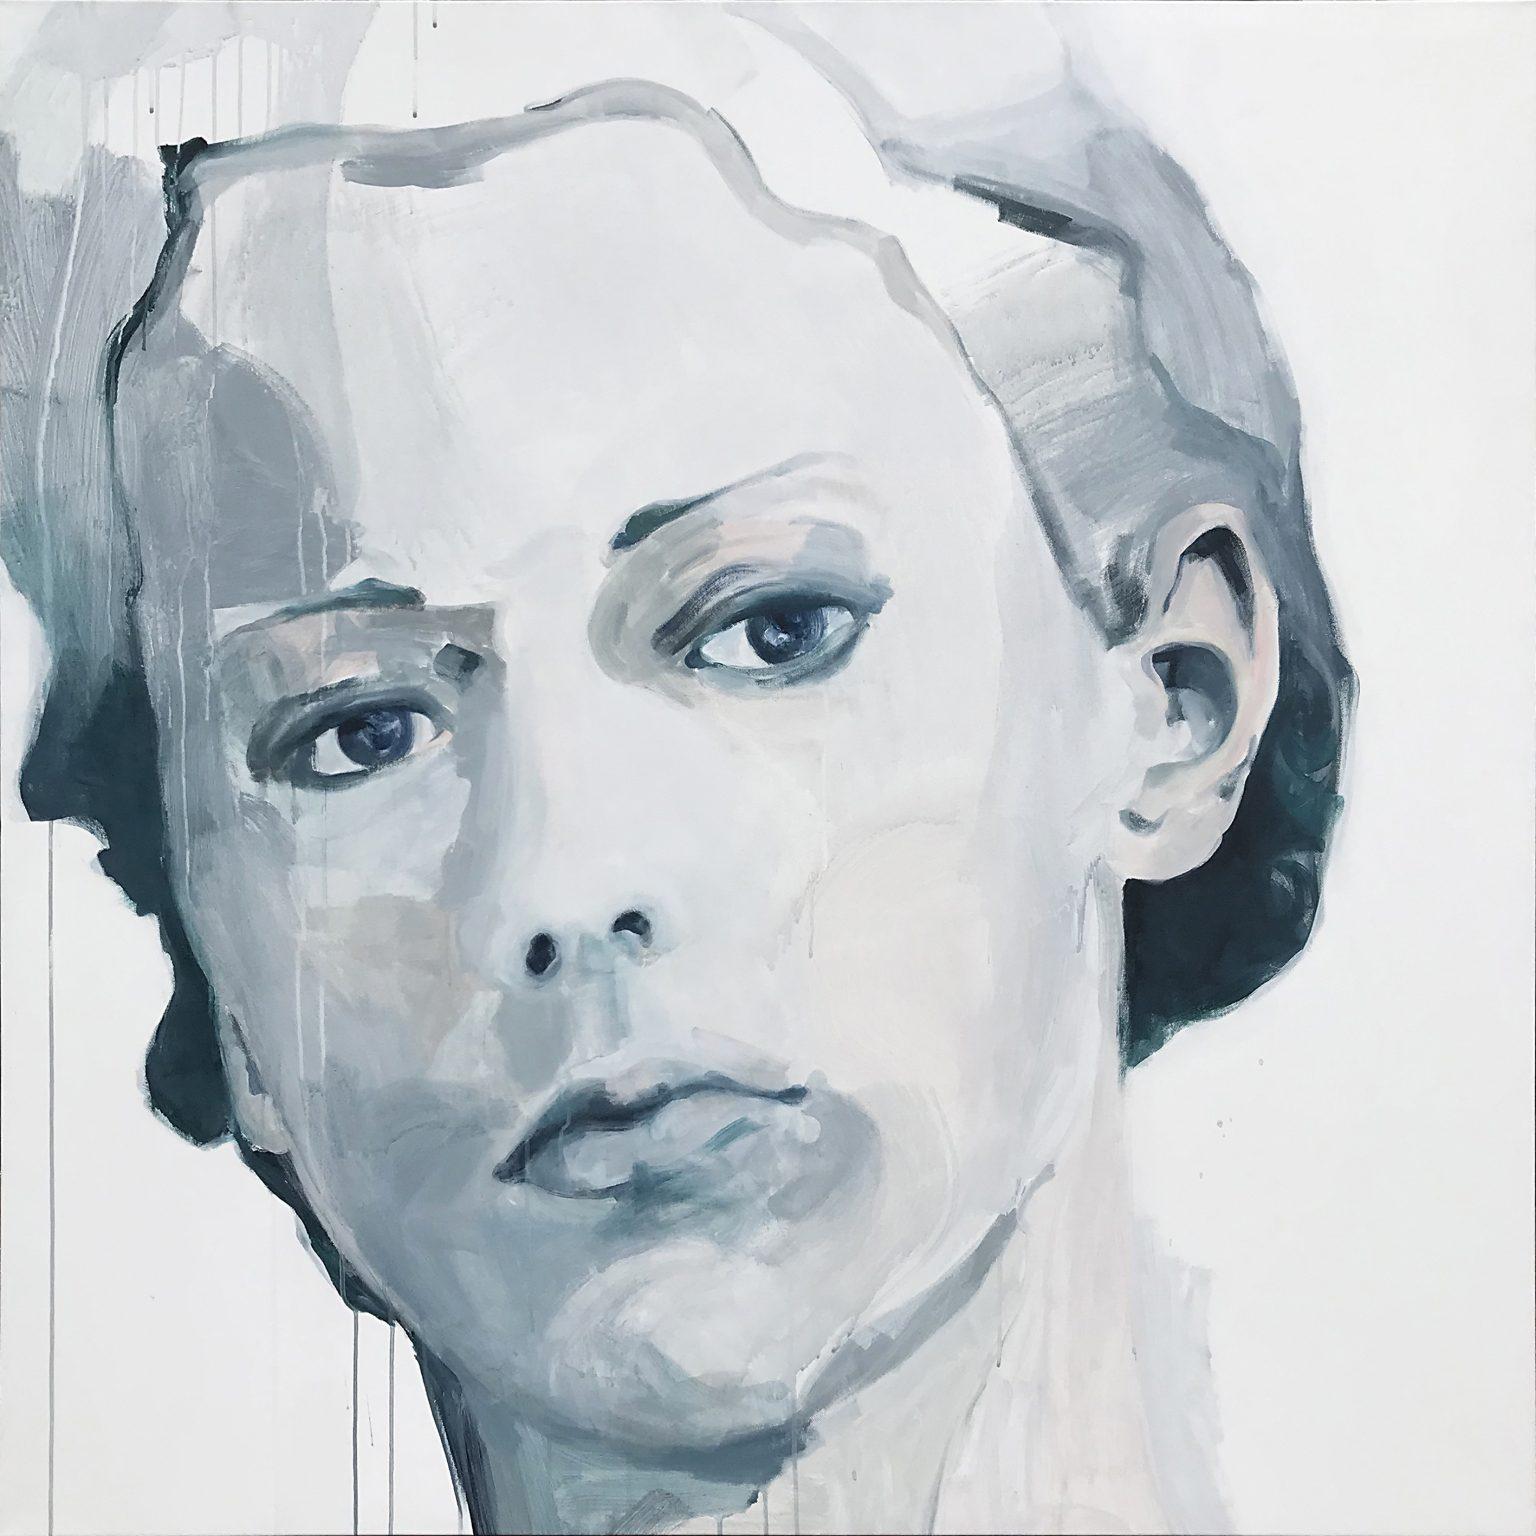 Et Alors 135x135 cm acrylics on canvas #SOLD